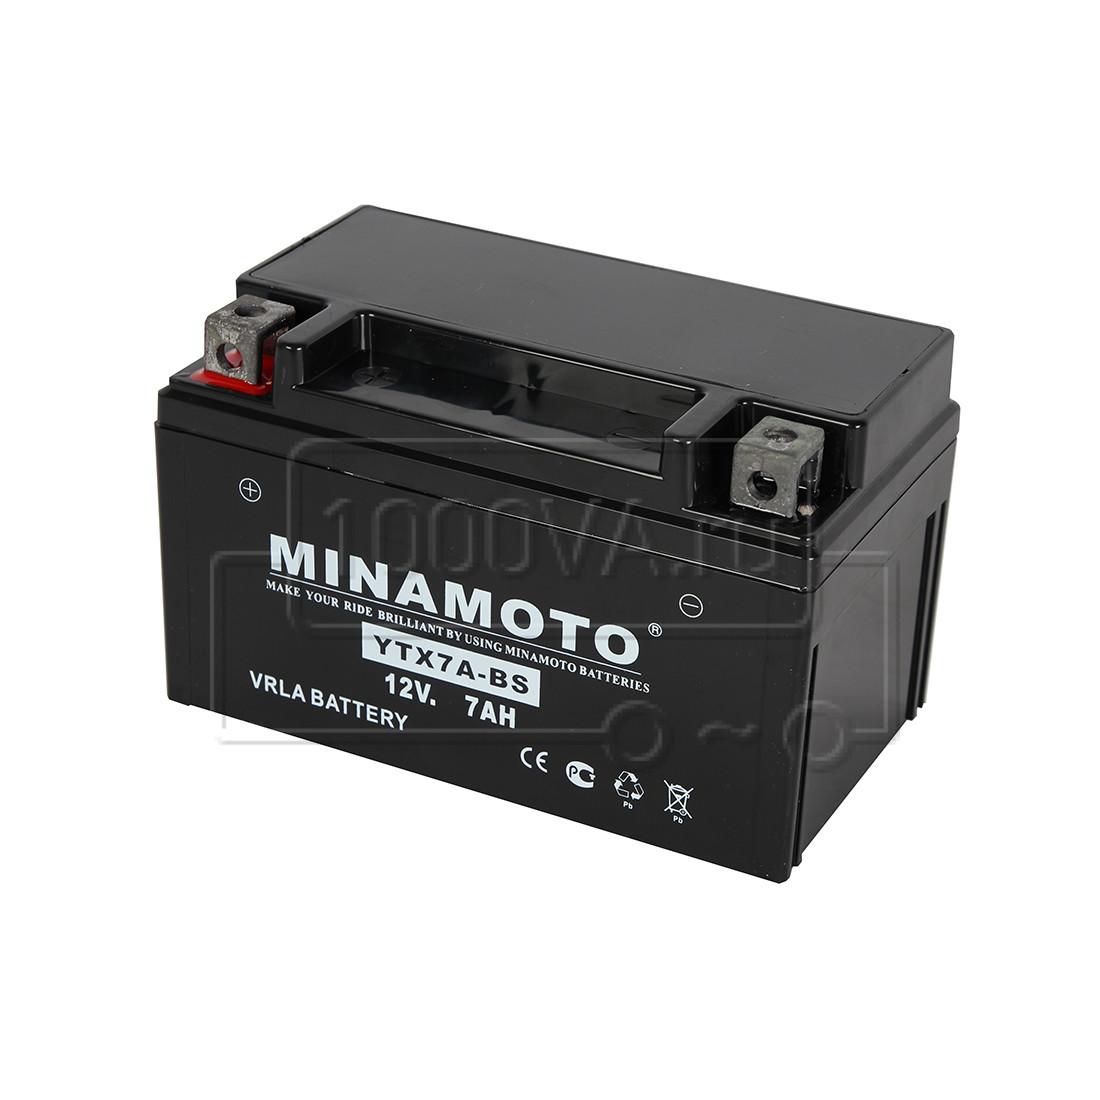 MINAMOTO YTX7A-BS